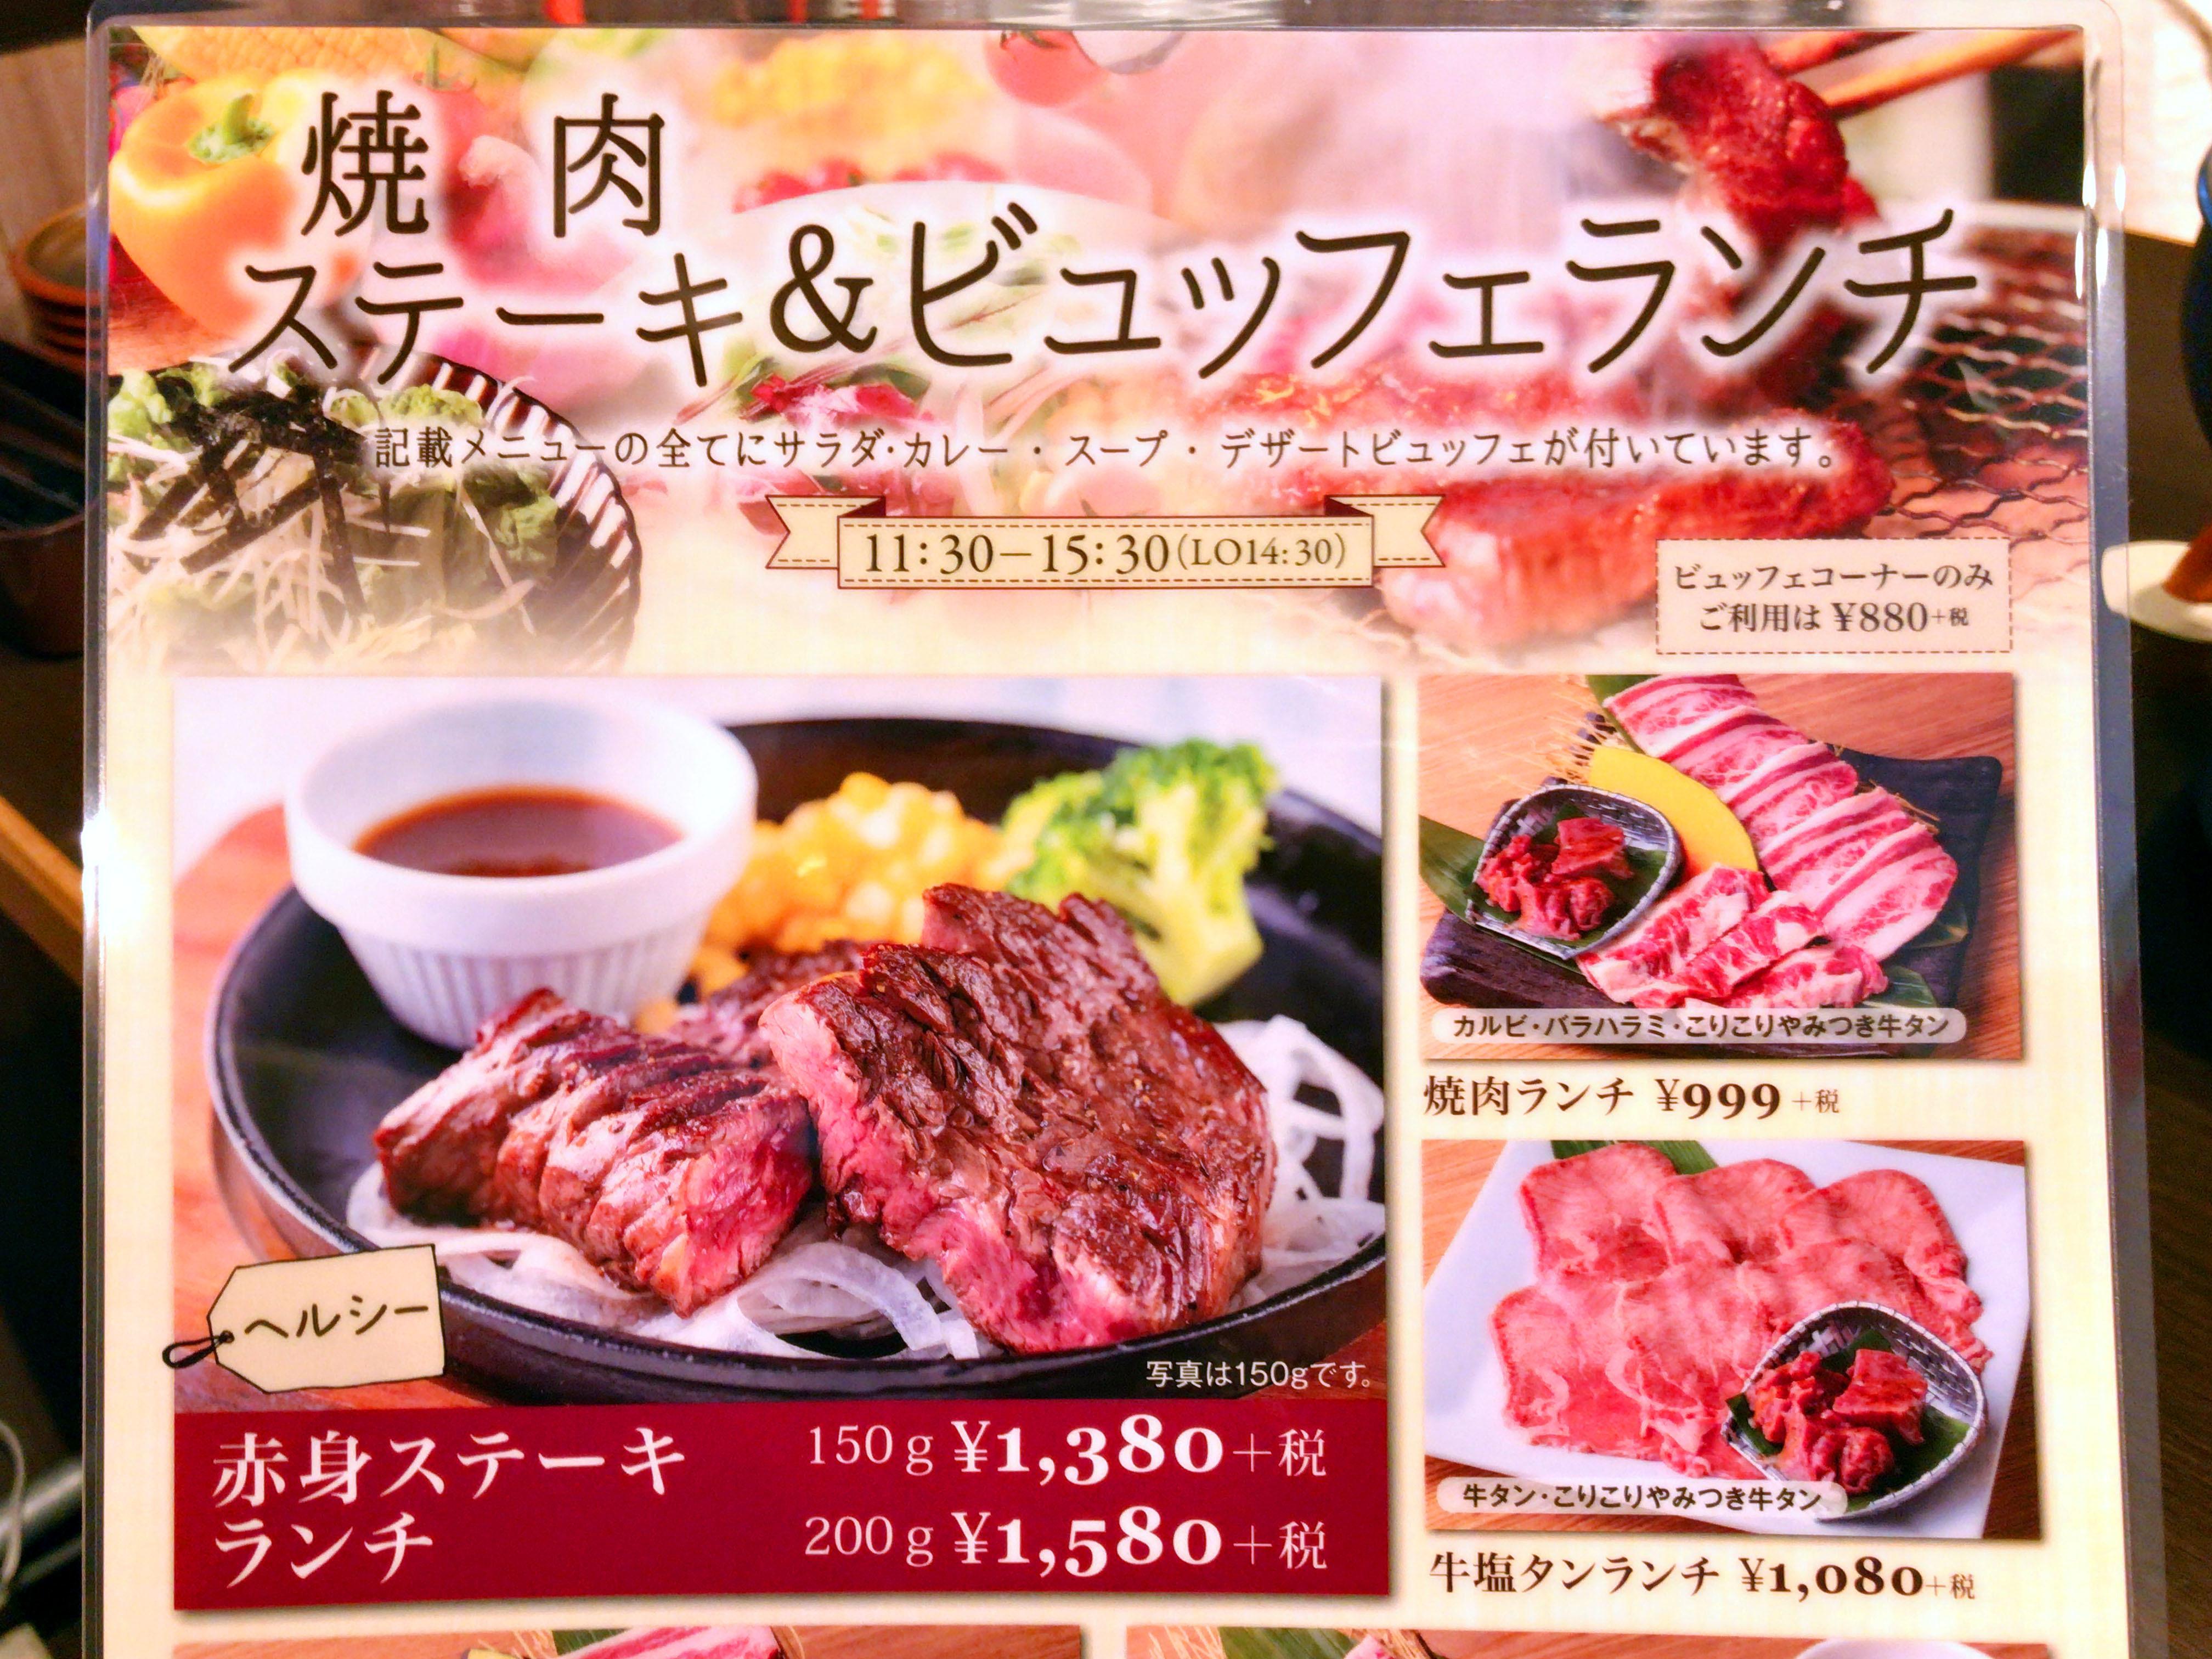 焼肉ステーキ&ビュッフェランチメニュー上部